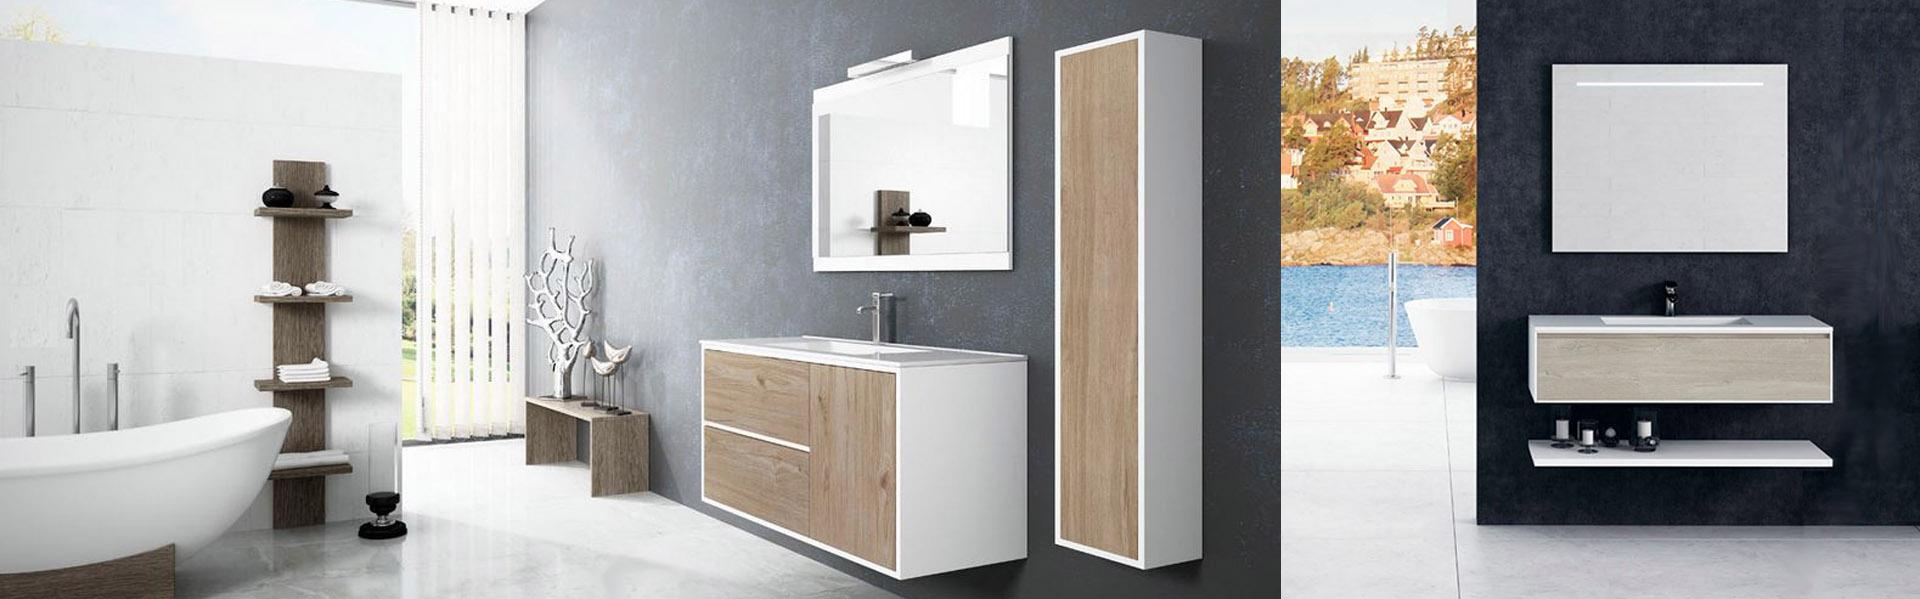 Baños muebles diseño moderno madera blanco suspendido redondo supereficies solidas corian solid surface Trecoam